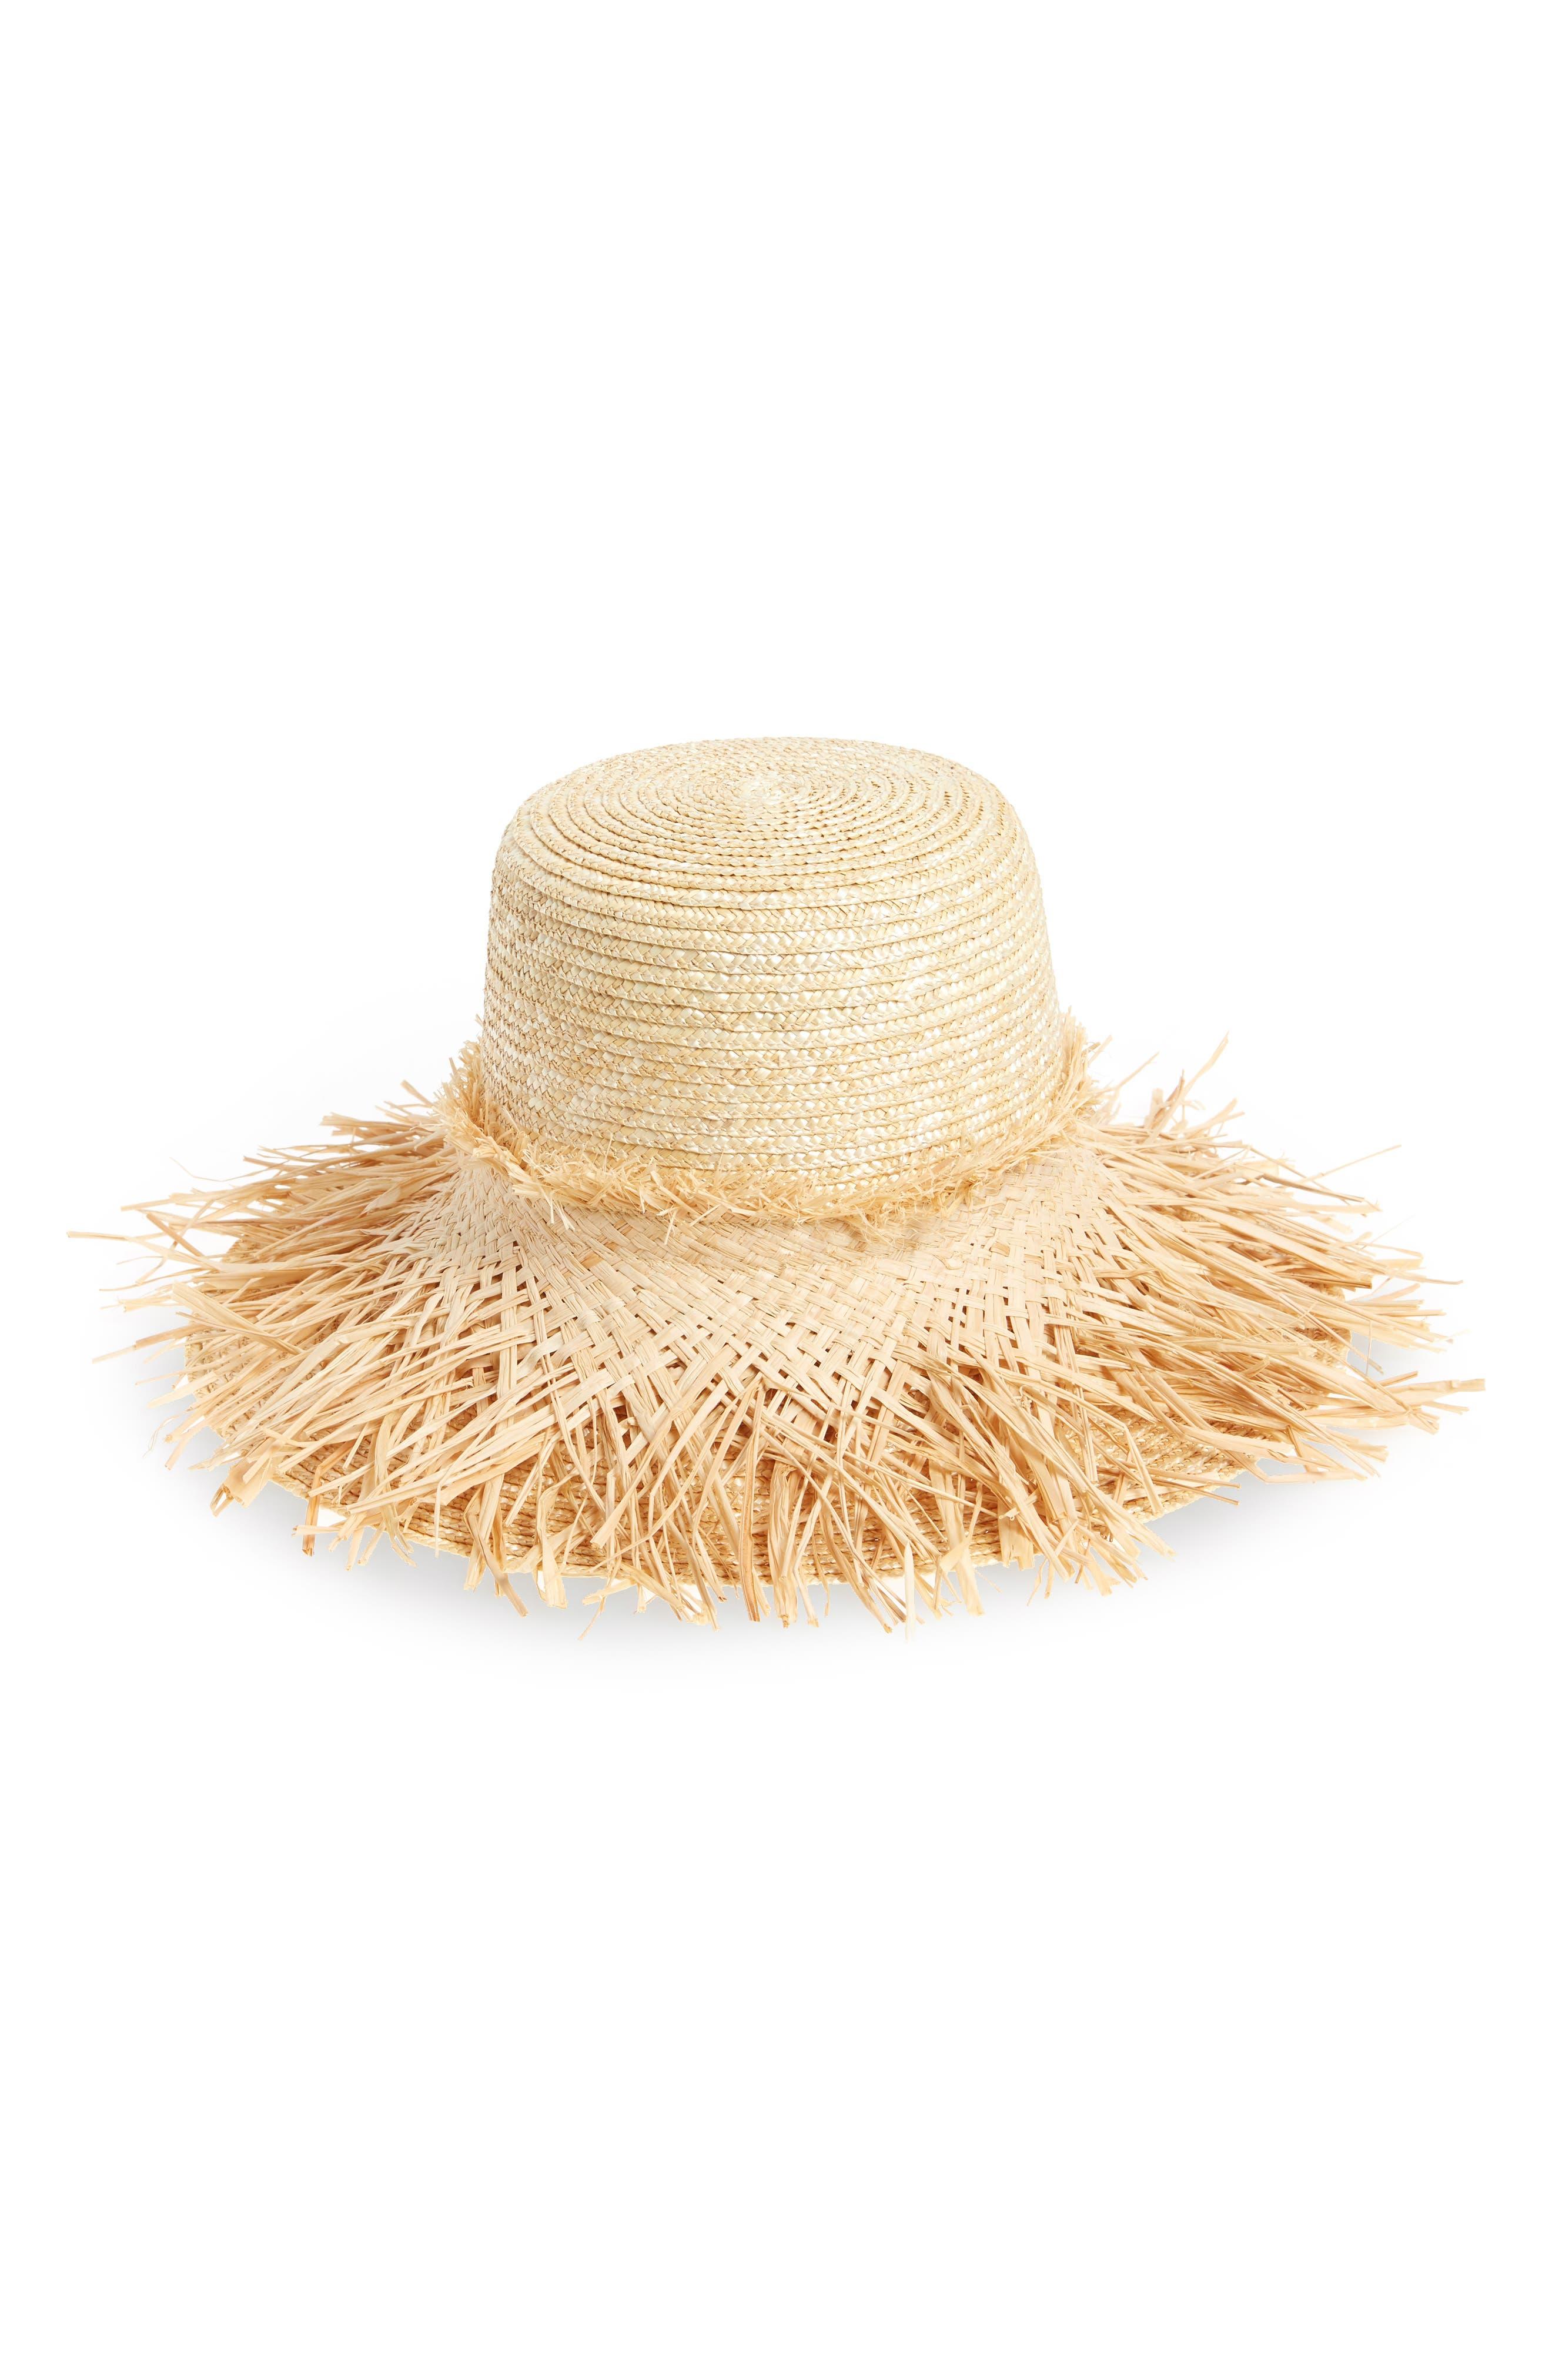 Hula Skirt Straw Hat,                         Main,                         color, 200